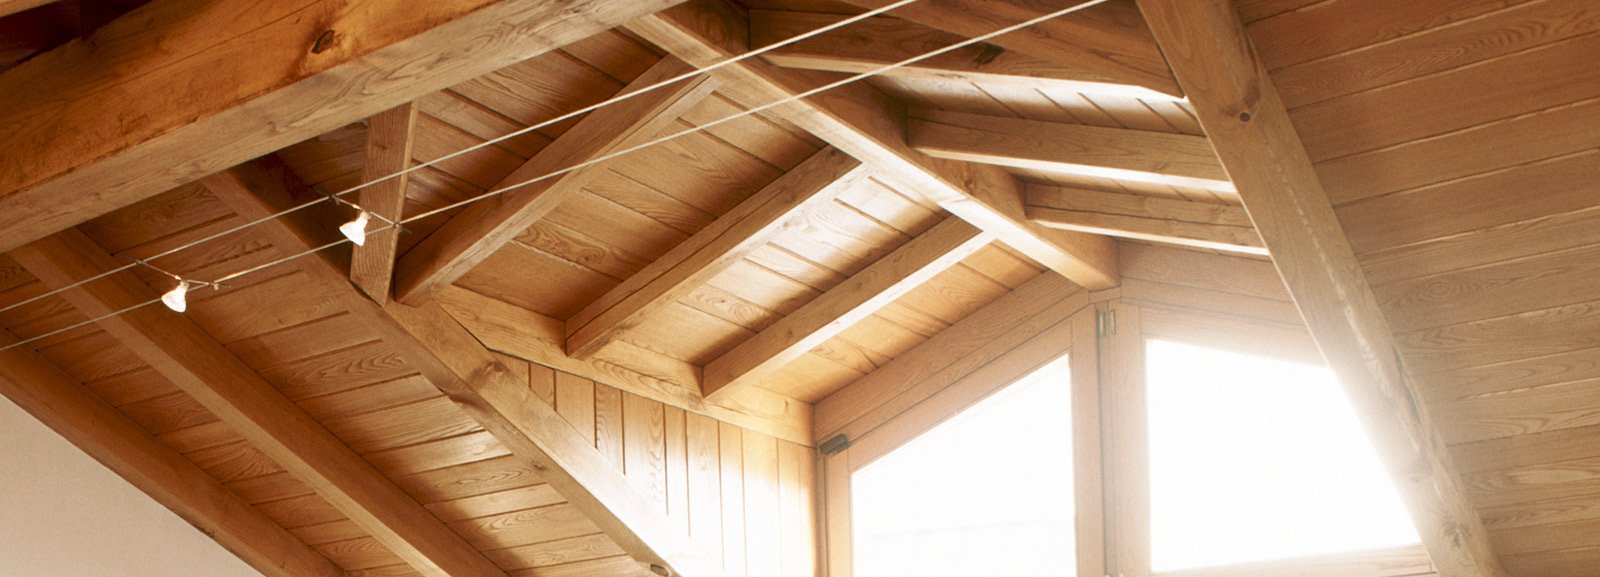 Sottotetto le condizioni per renderlo abitabile cose di for Illuminazione sottotetto legno